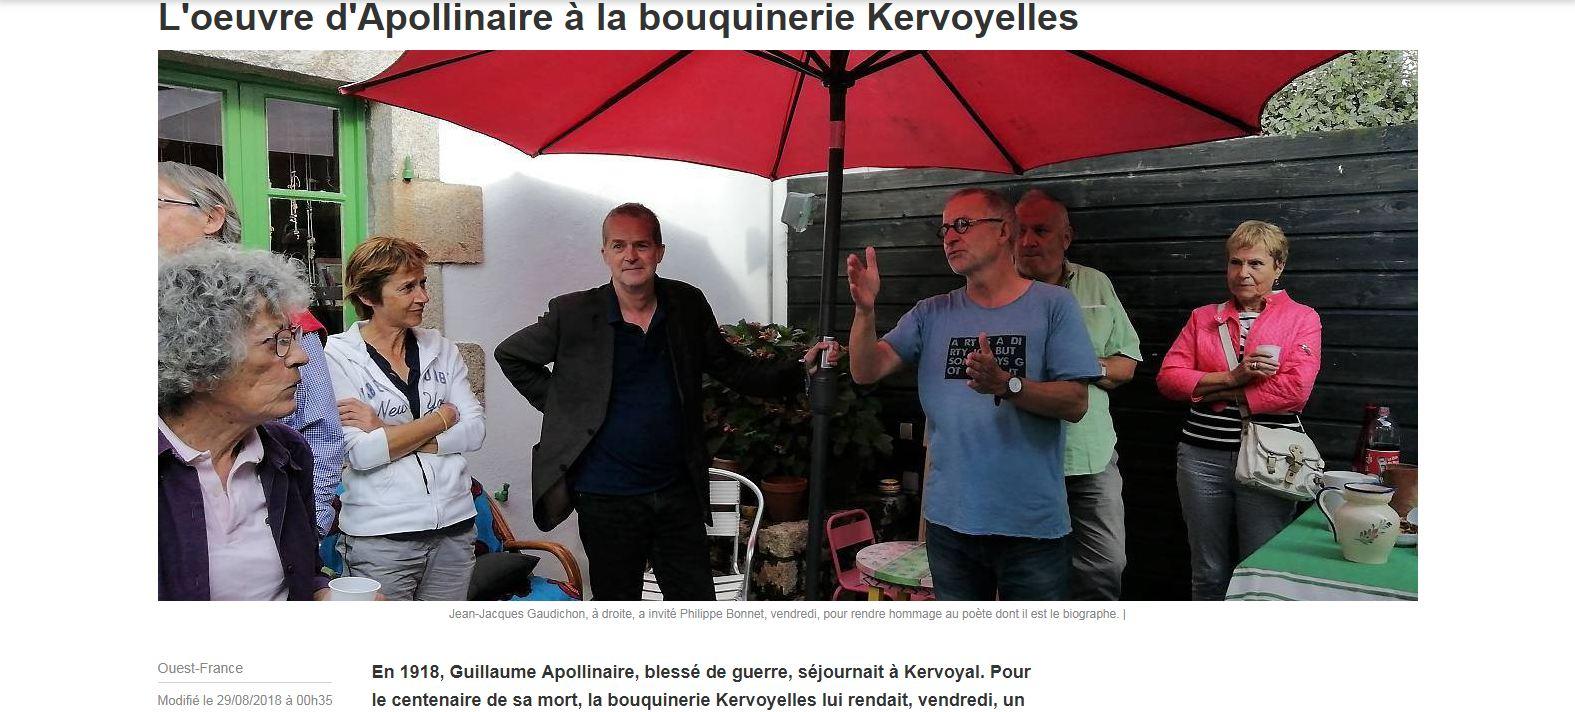 L'œuvre de Guillaume Apollinaire à la bouquinerie Kervoyelles (Ouest-France)